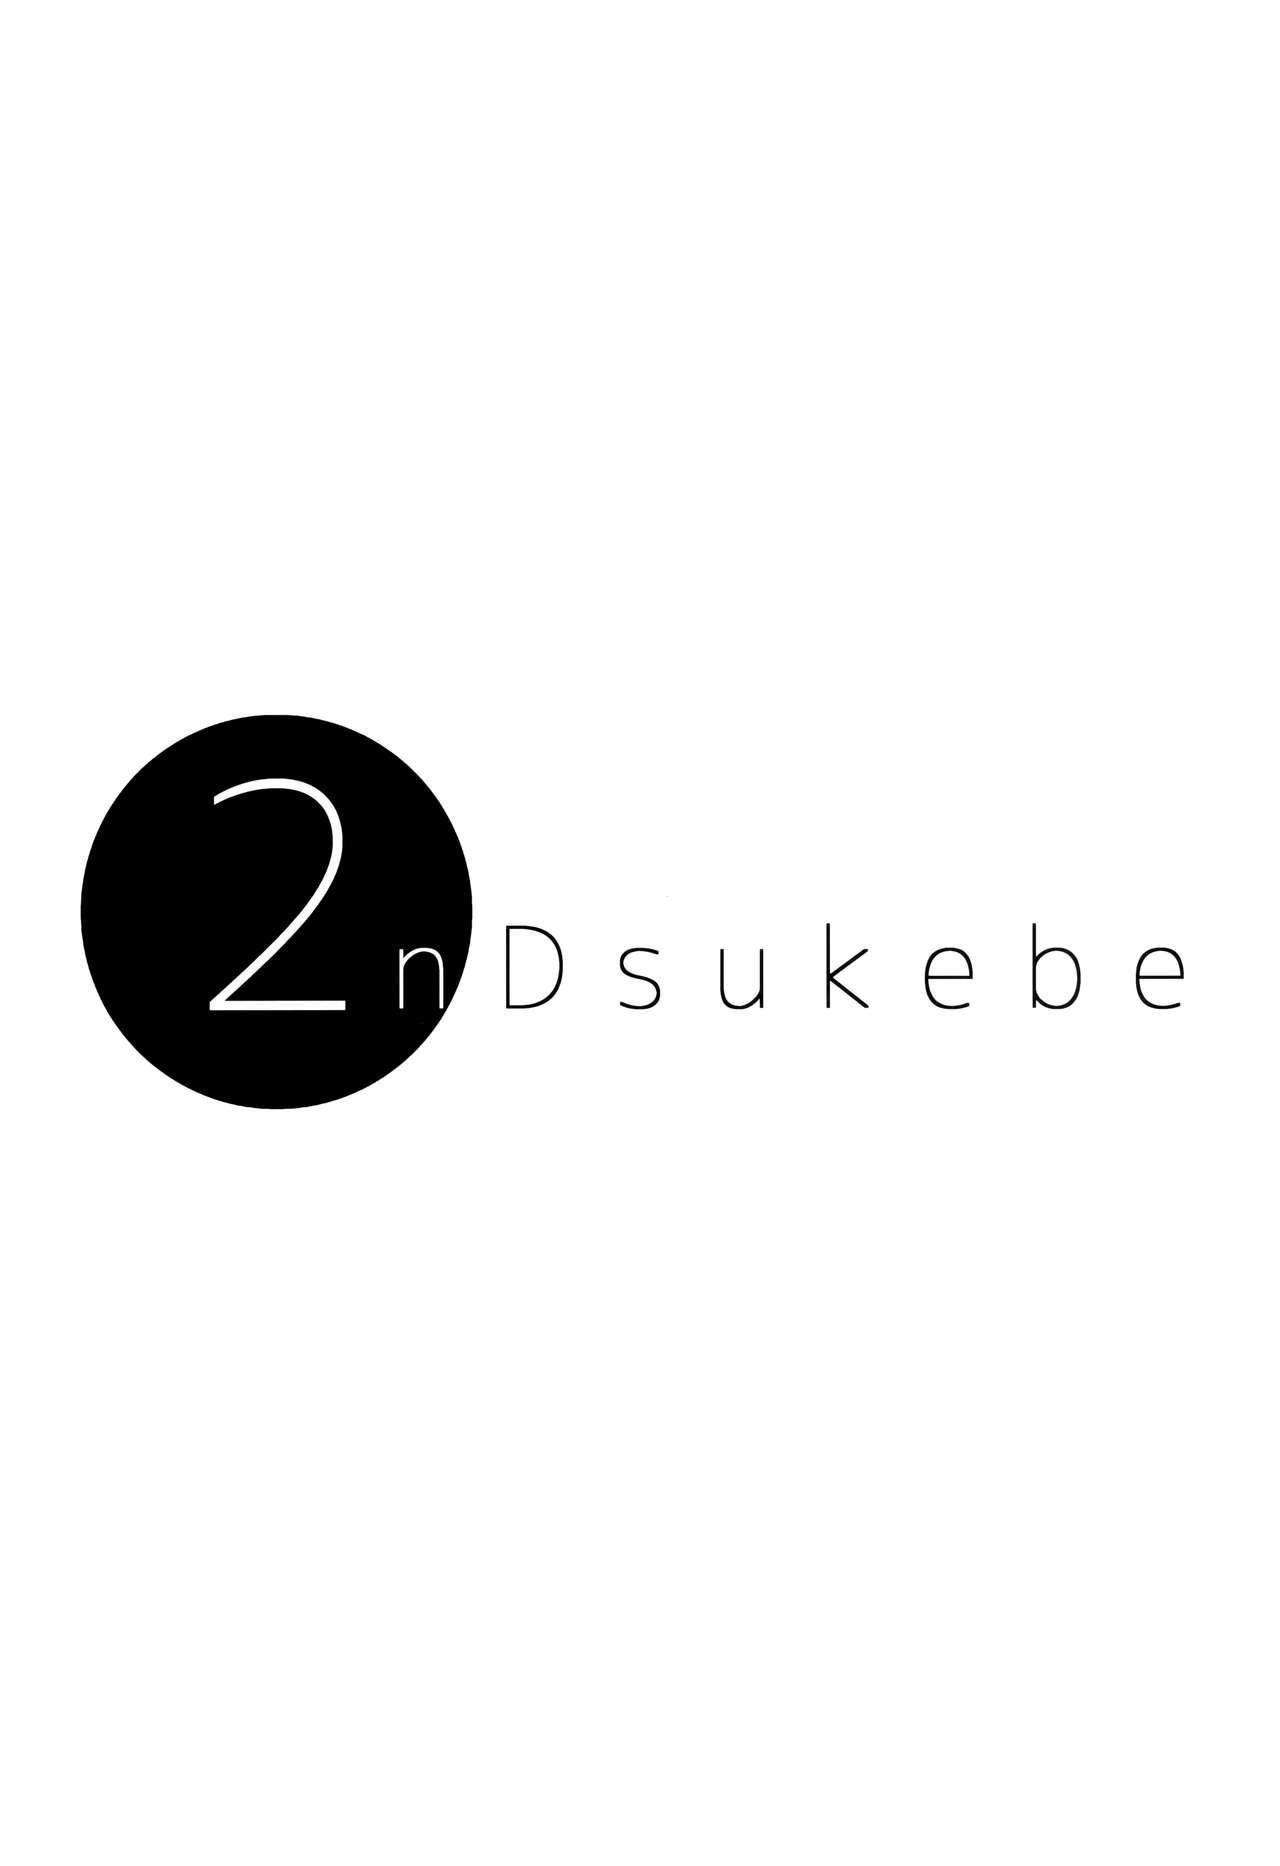 2nDsukebe 2